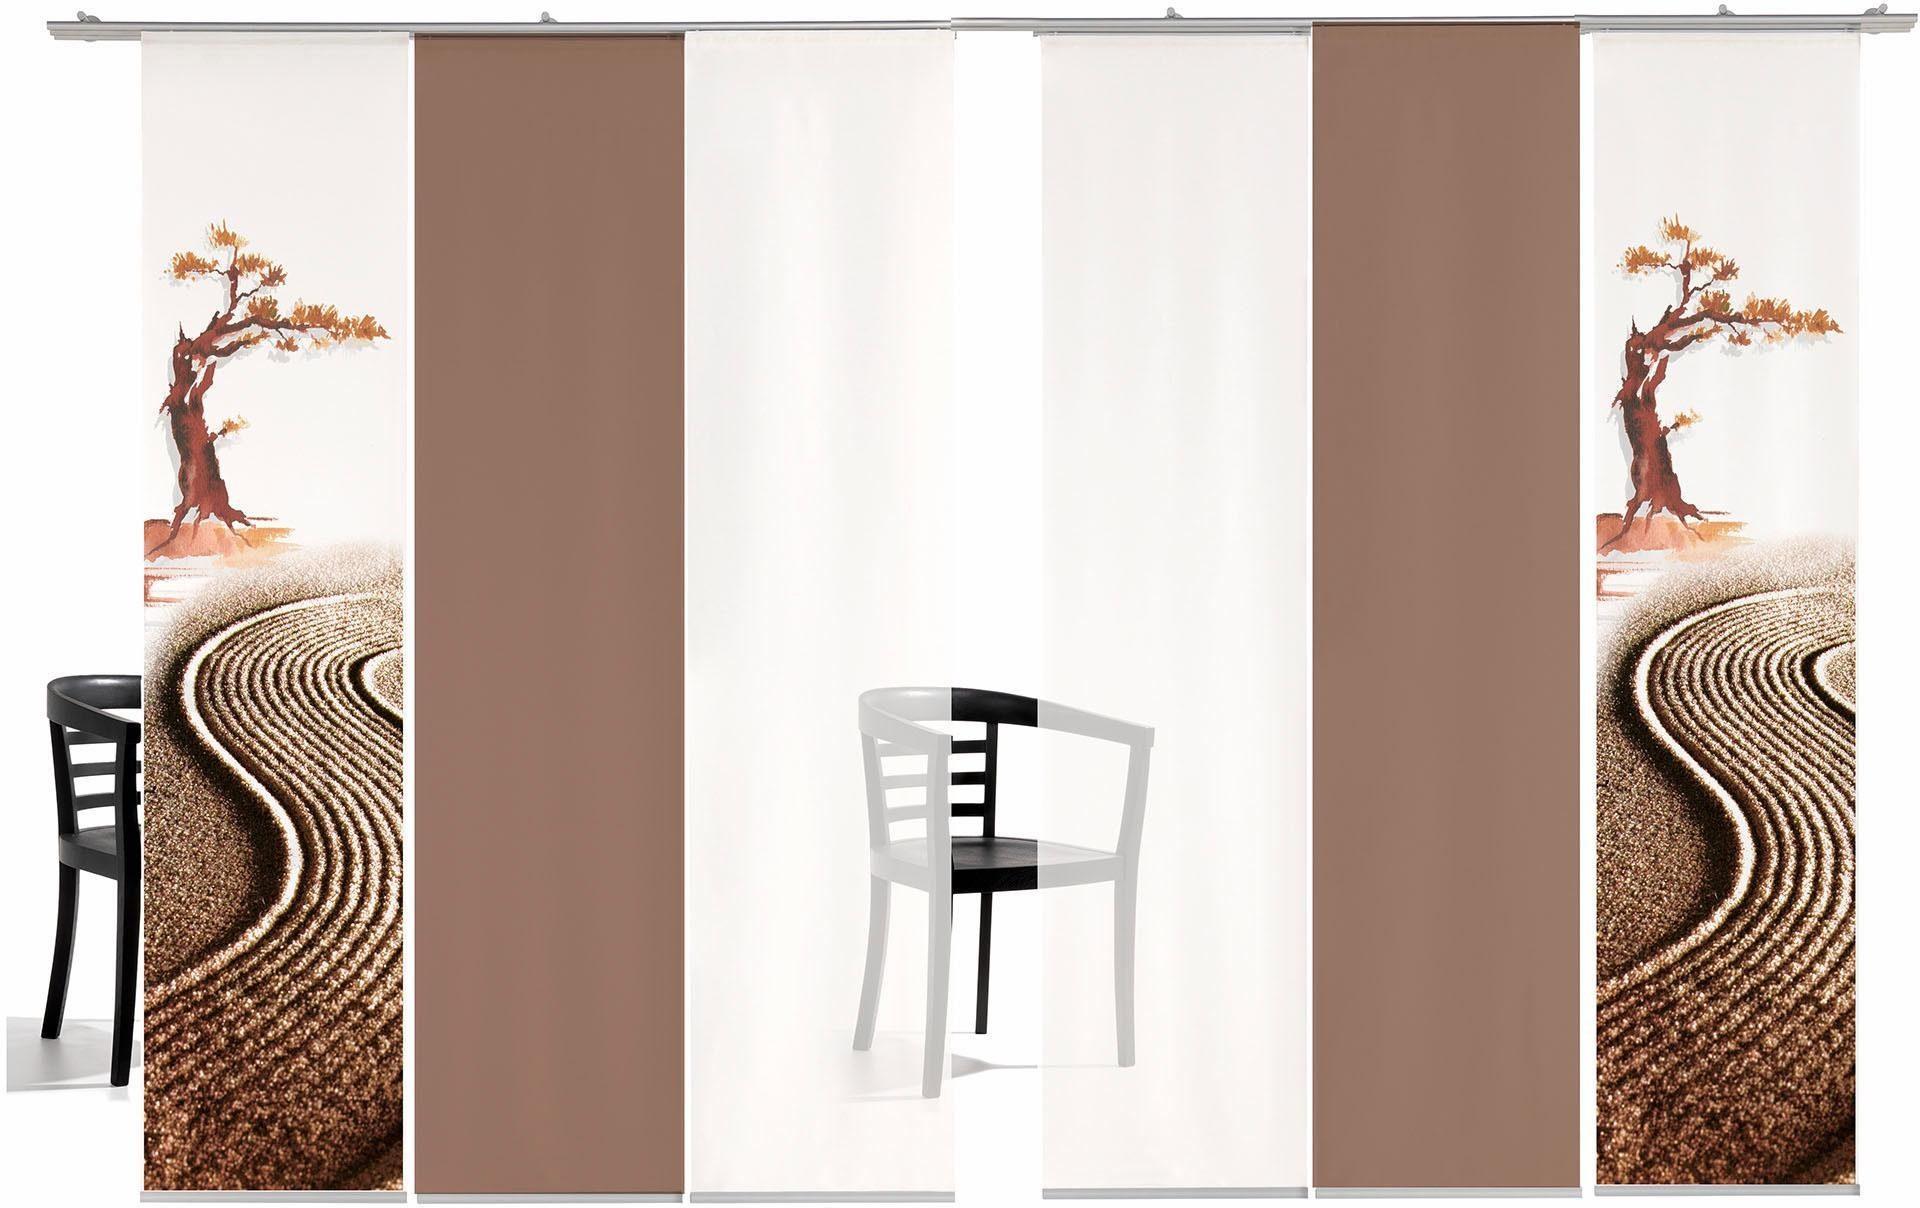 Schiebegardine »Bonsai farbig«, emotion textiles, Klettband (6 Stück), inkl. Befestigungszubehör